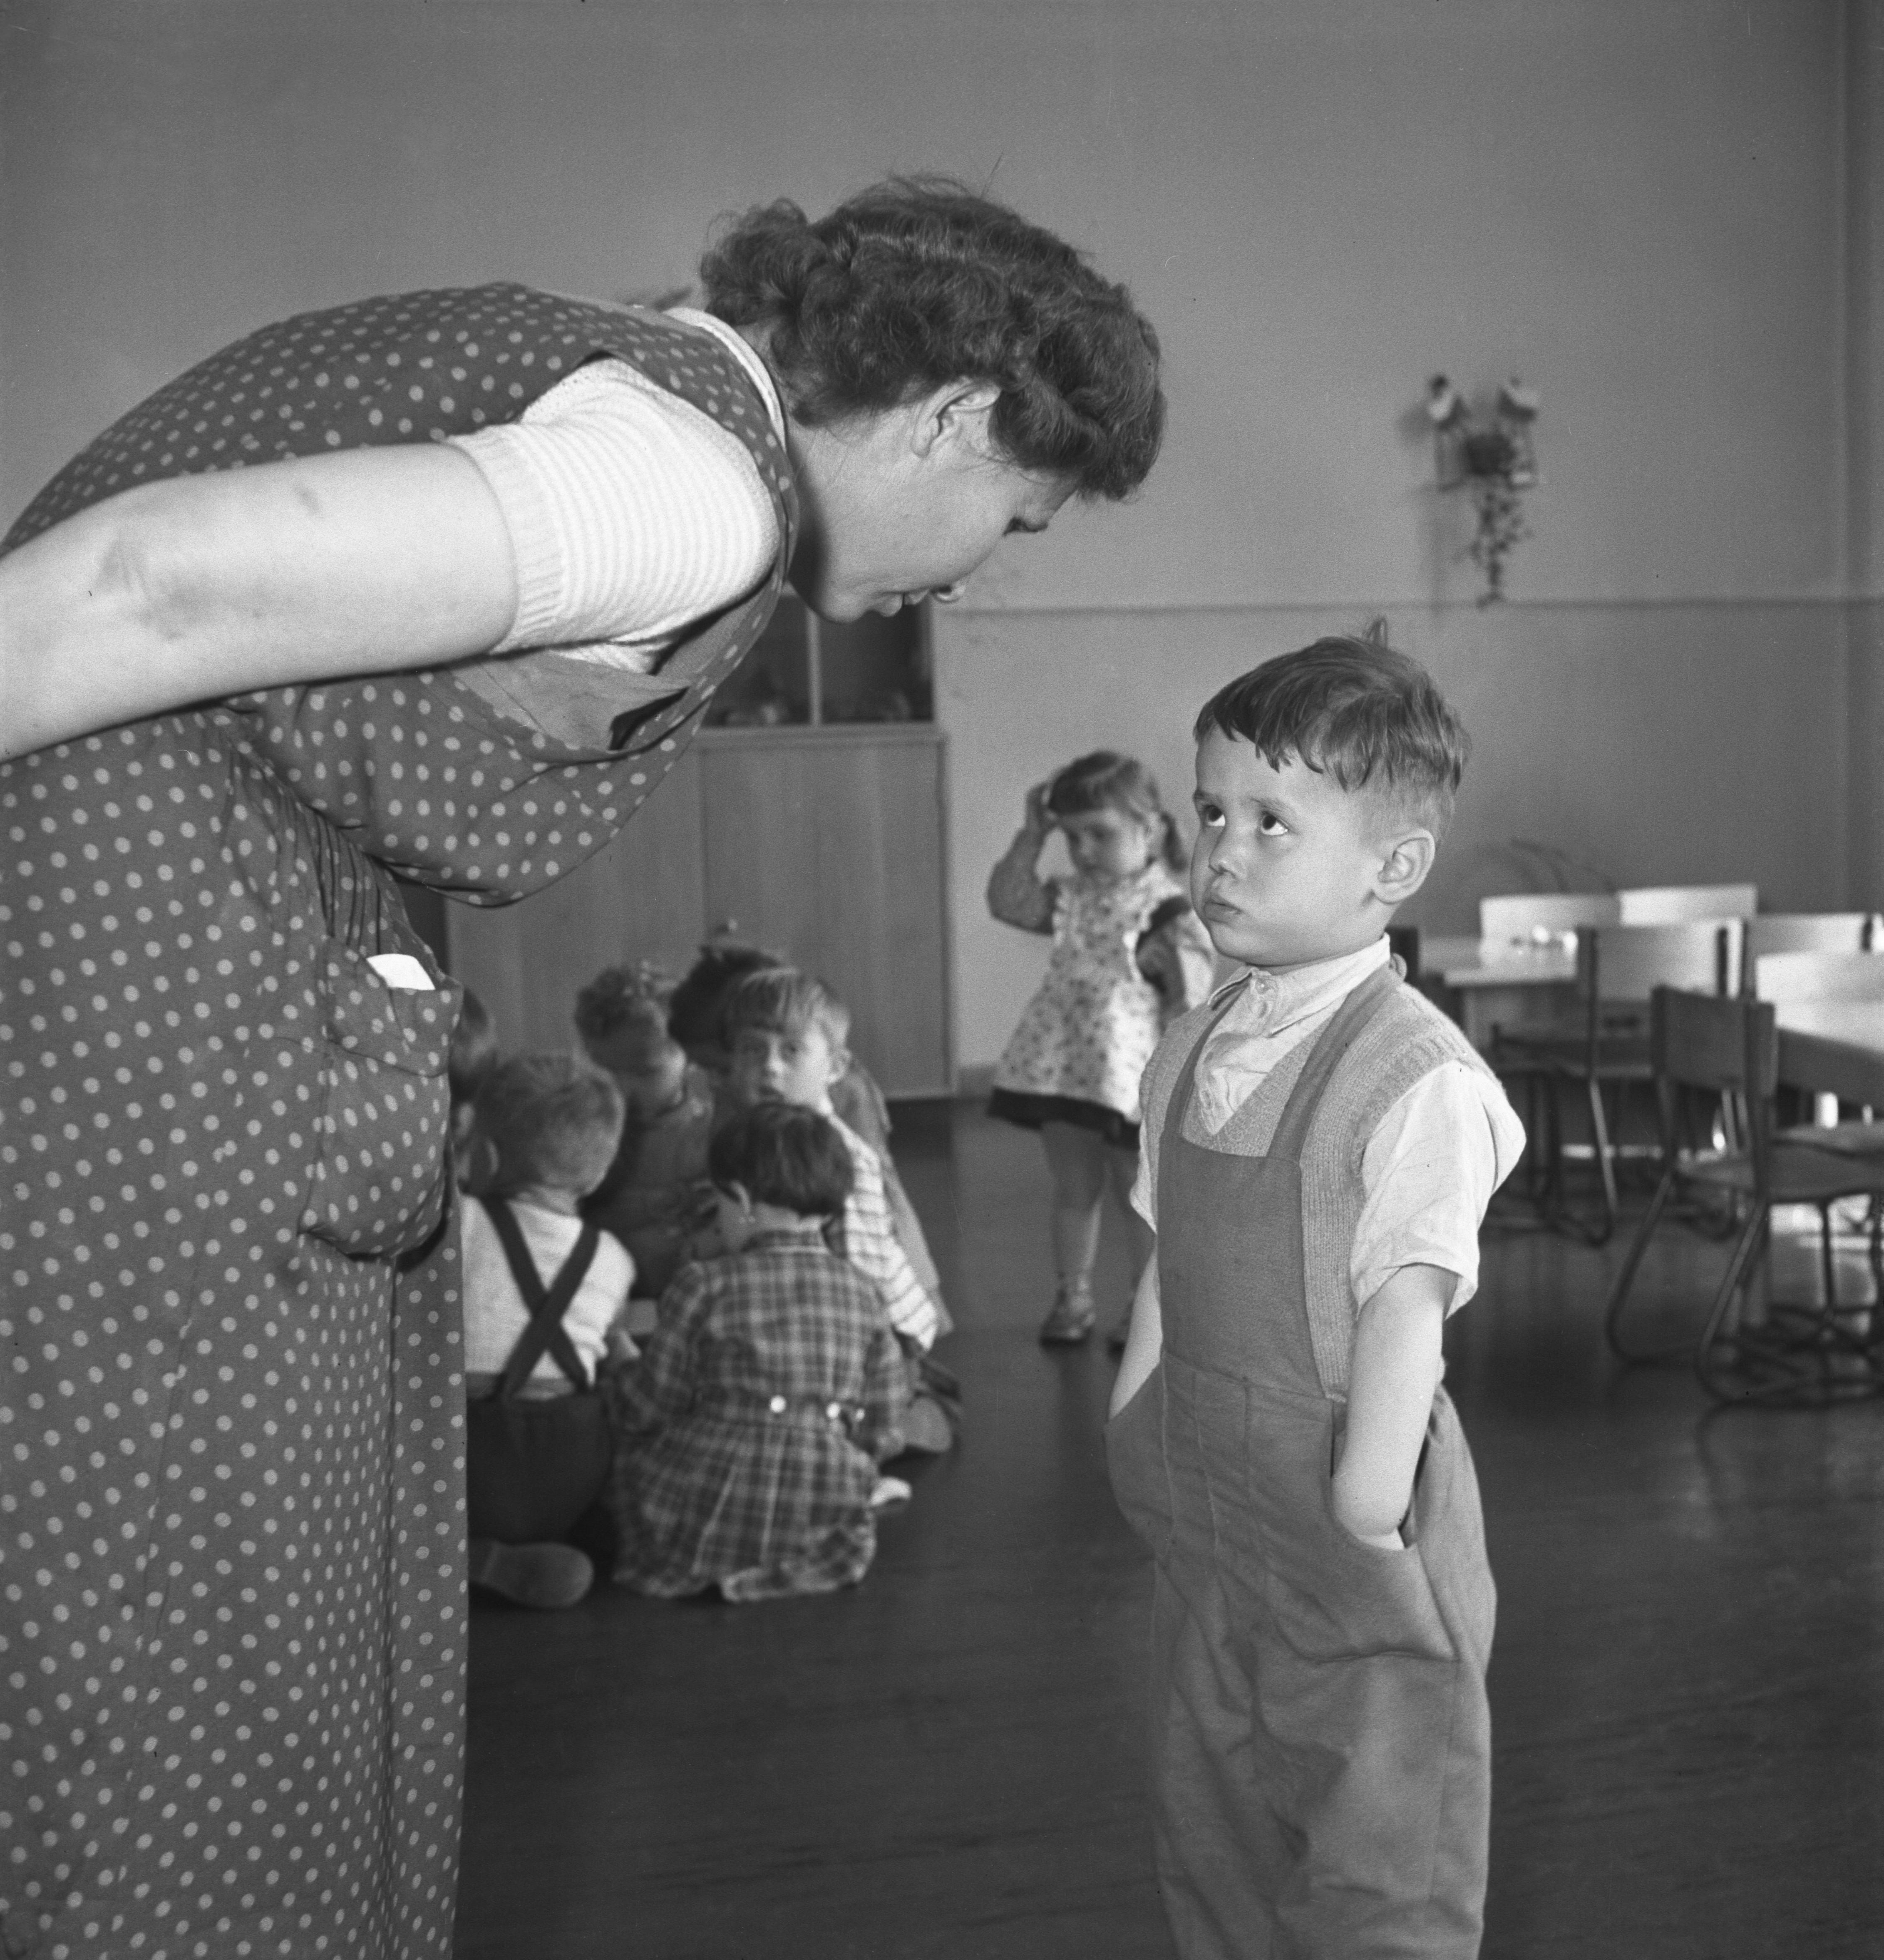 В детском саду, 1958. Фотограф Вилем Кропп